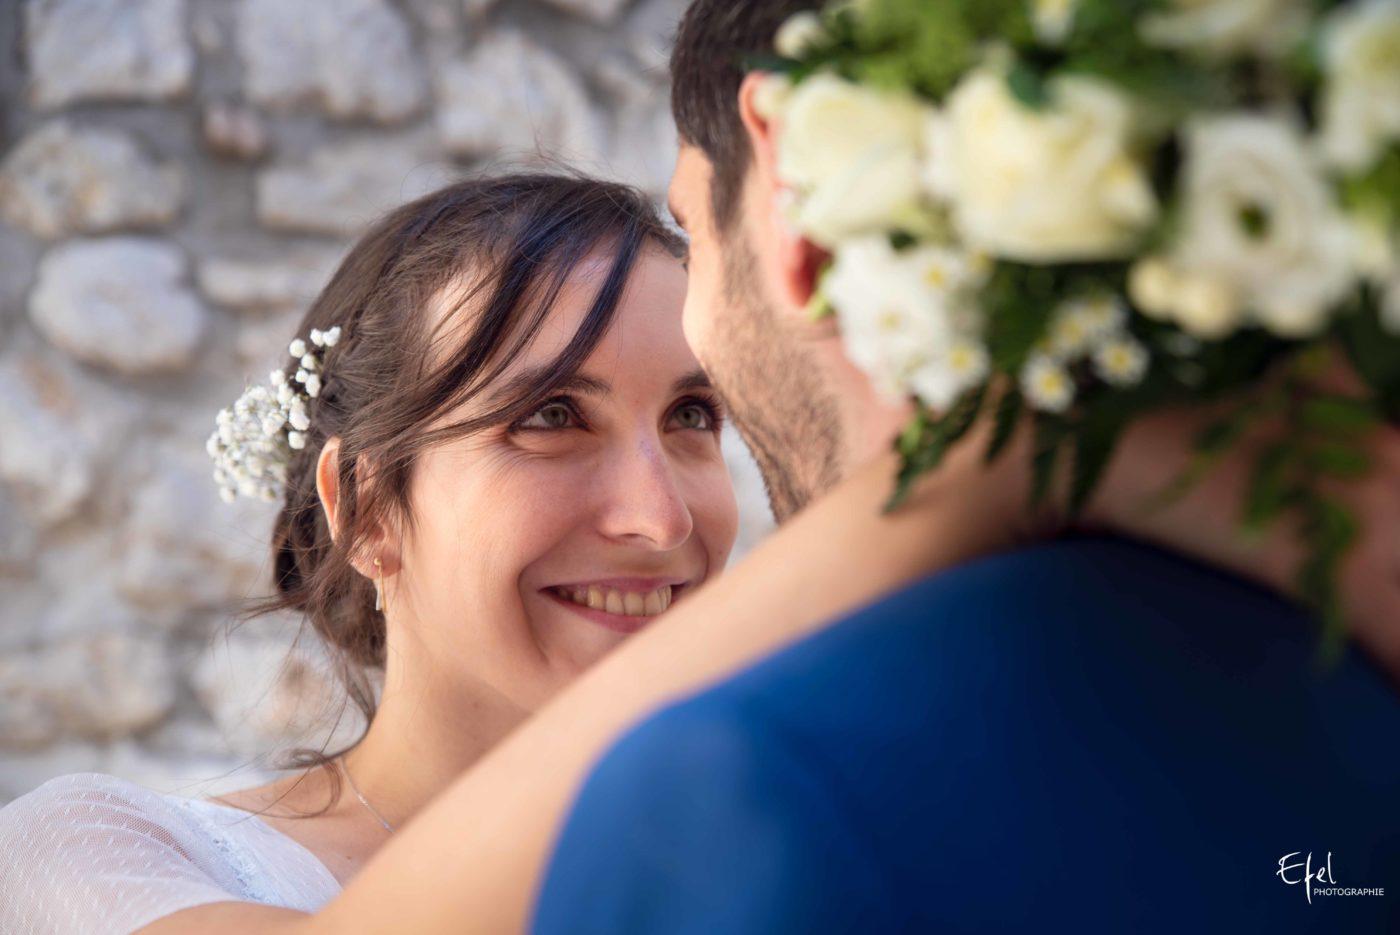 Shooting couple de mariage - yeux dans les yeux - photographe de mariage dans les Hautes Alpes et dans la région PACA